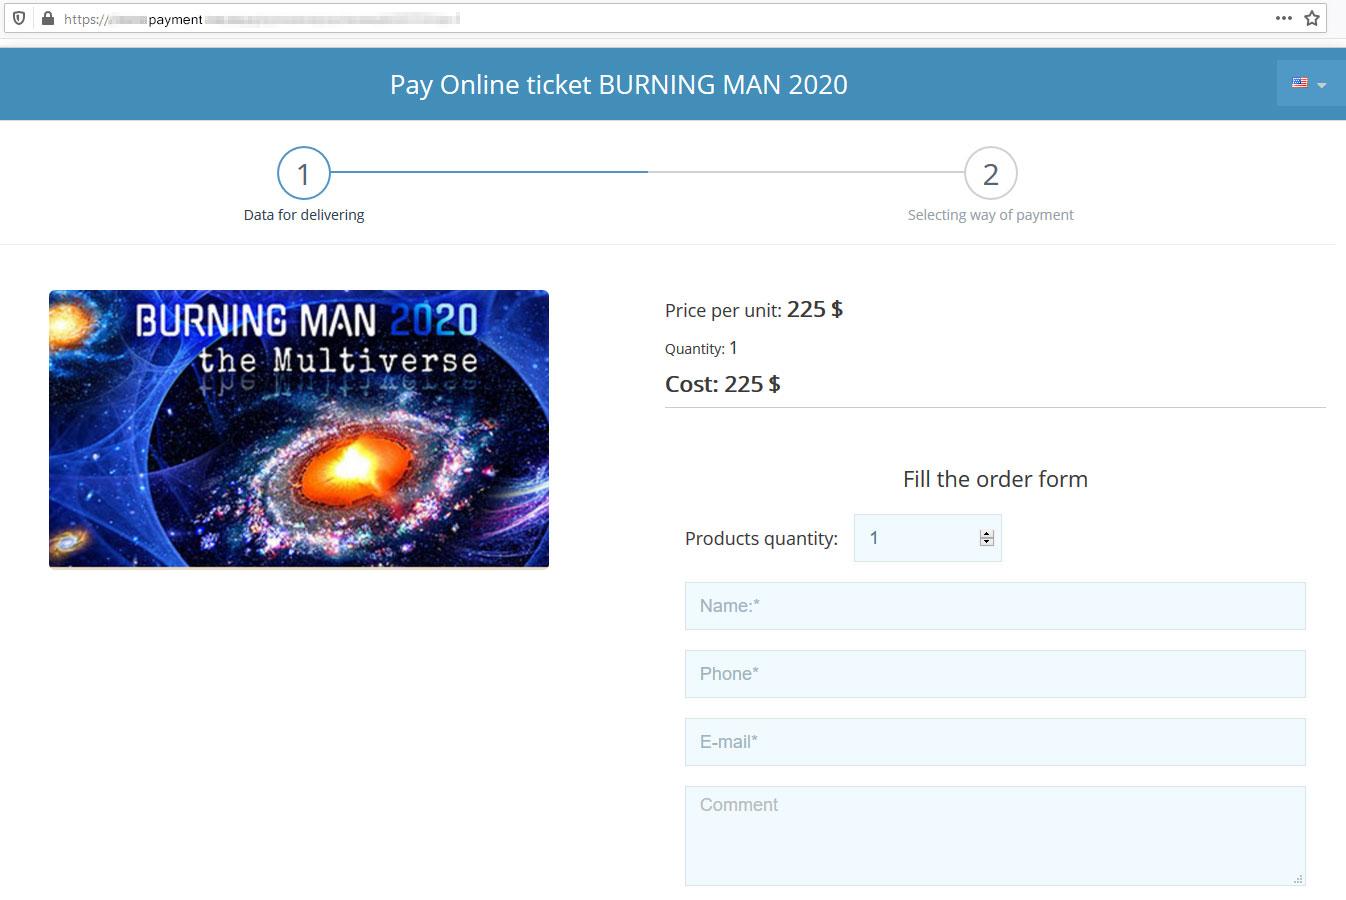 诈骗网站上的订单页面